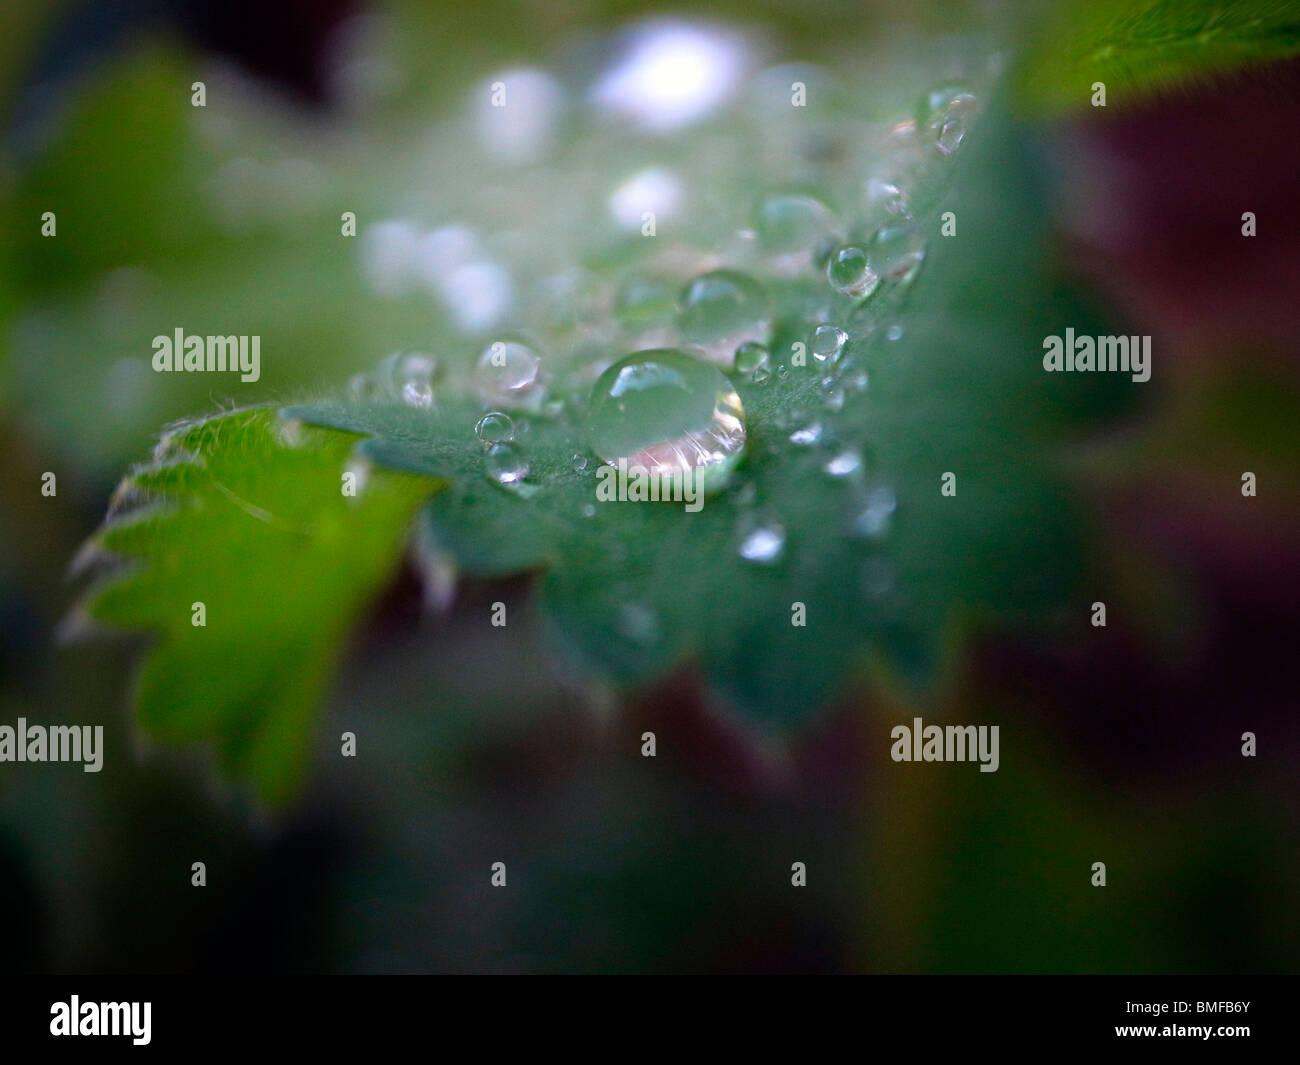 dew drops, rain drops, close up - Stock Image